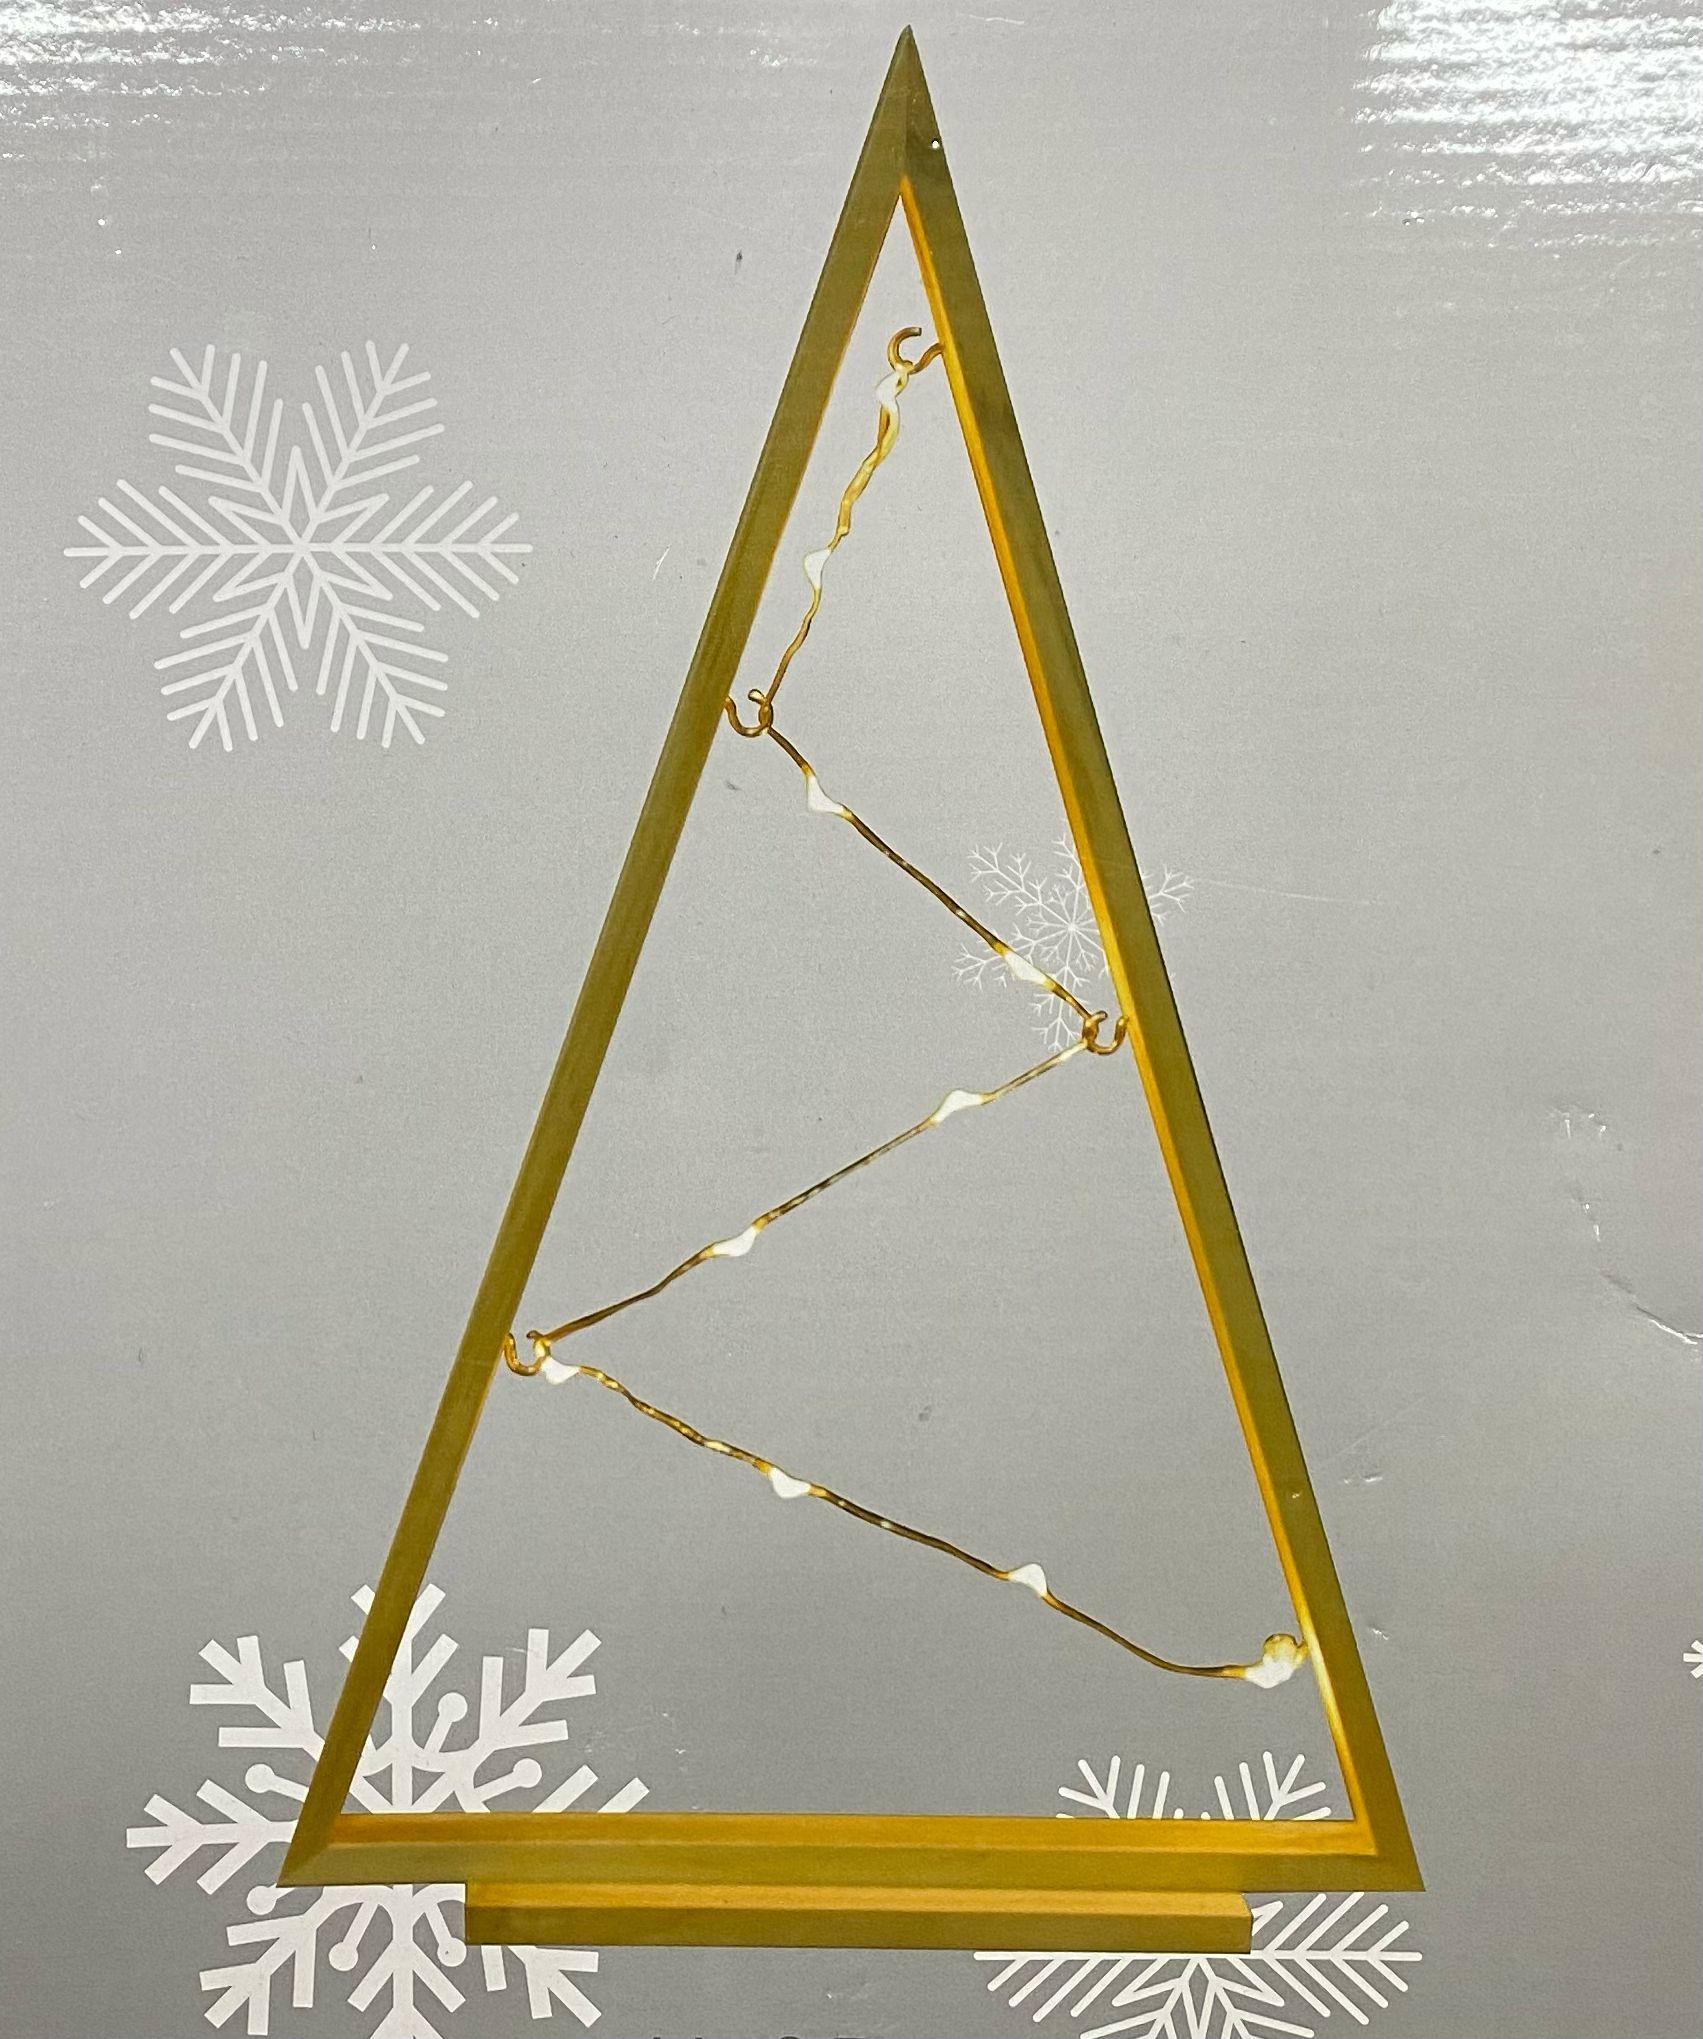 LED dřevěný vánoční stromeček, 35cm, hnědý